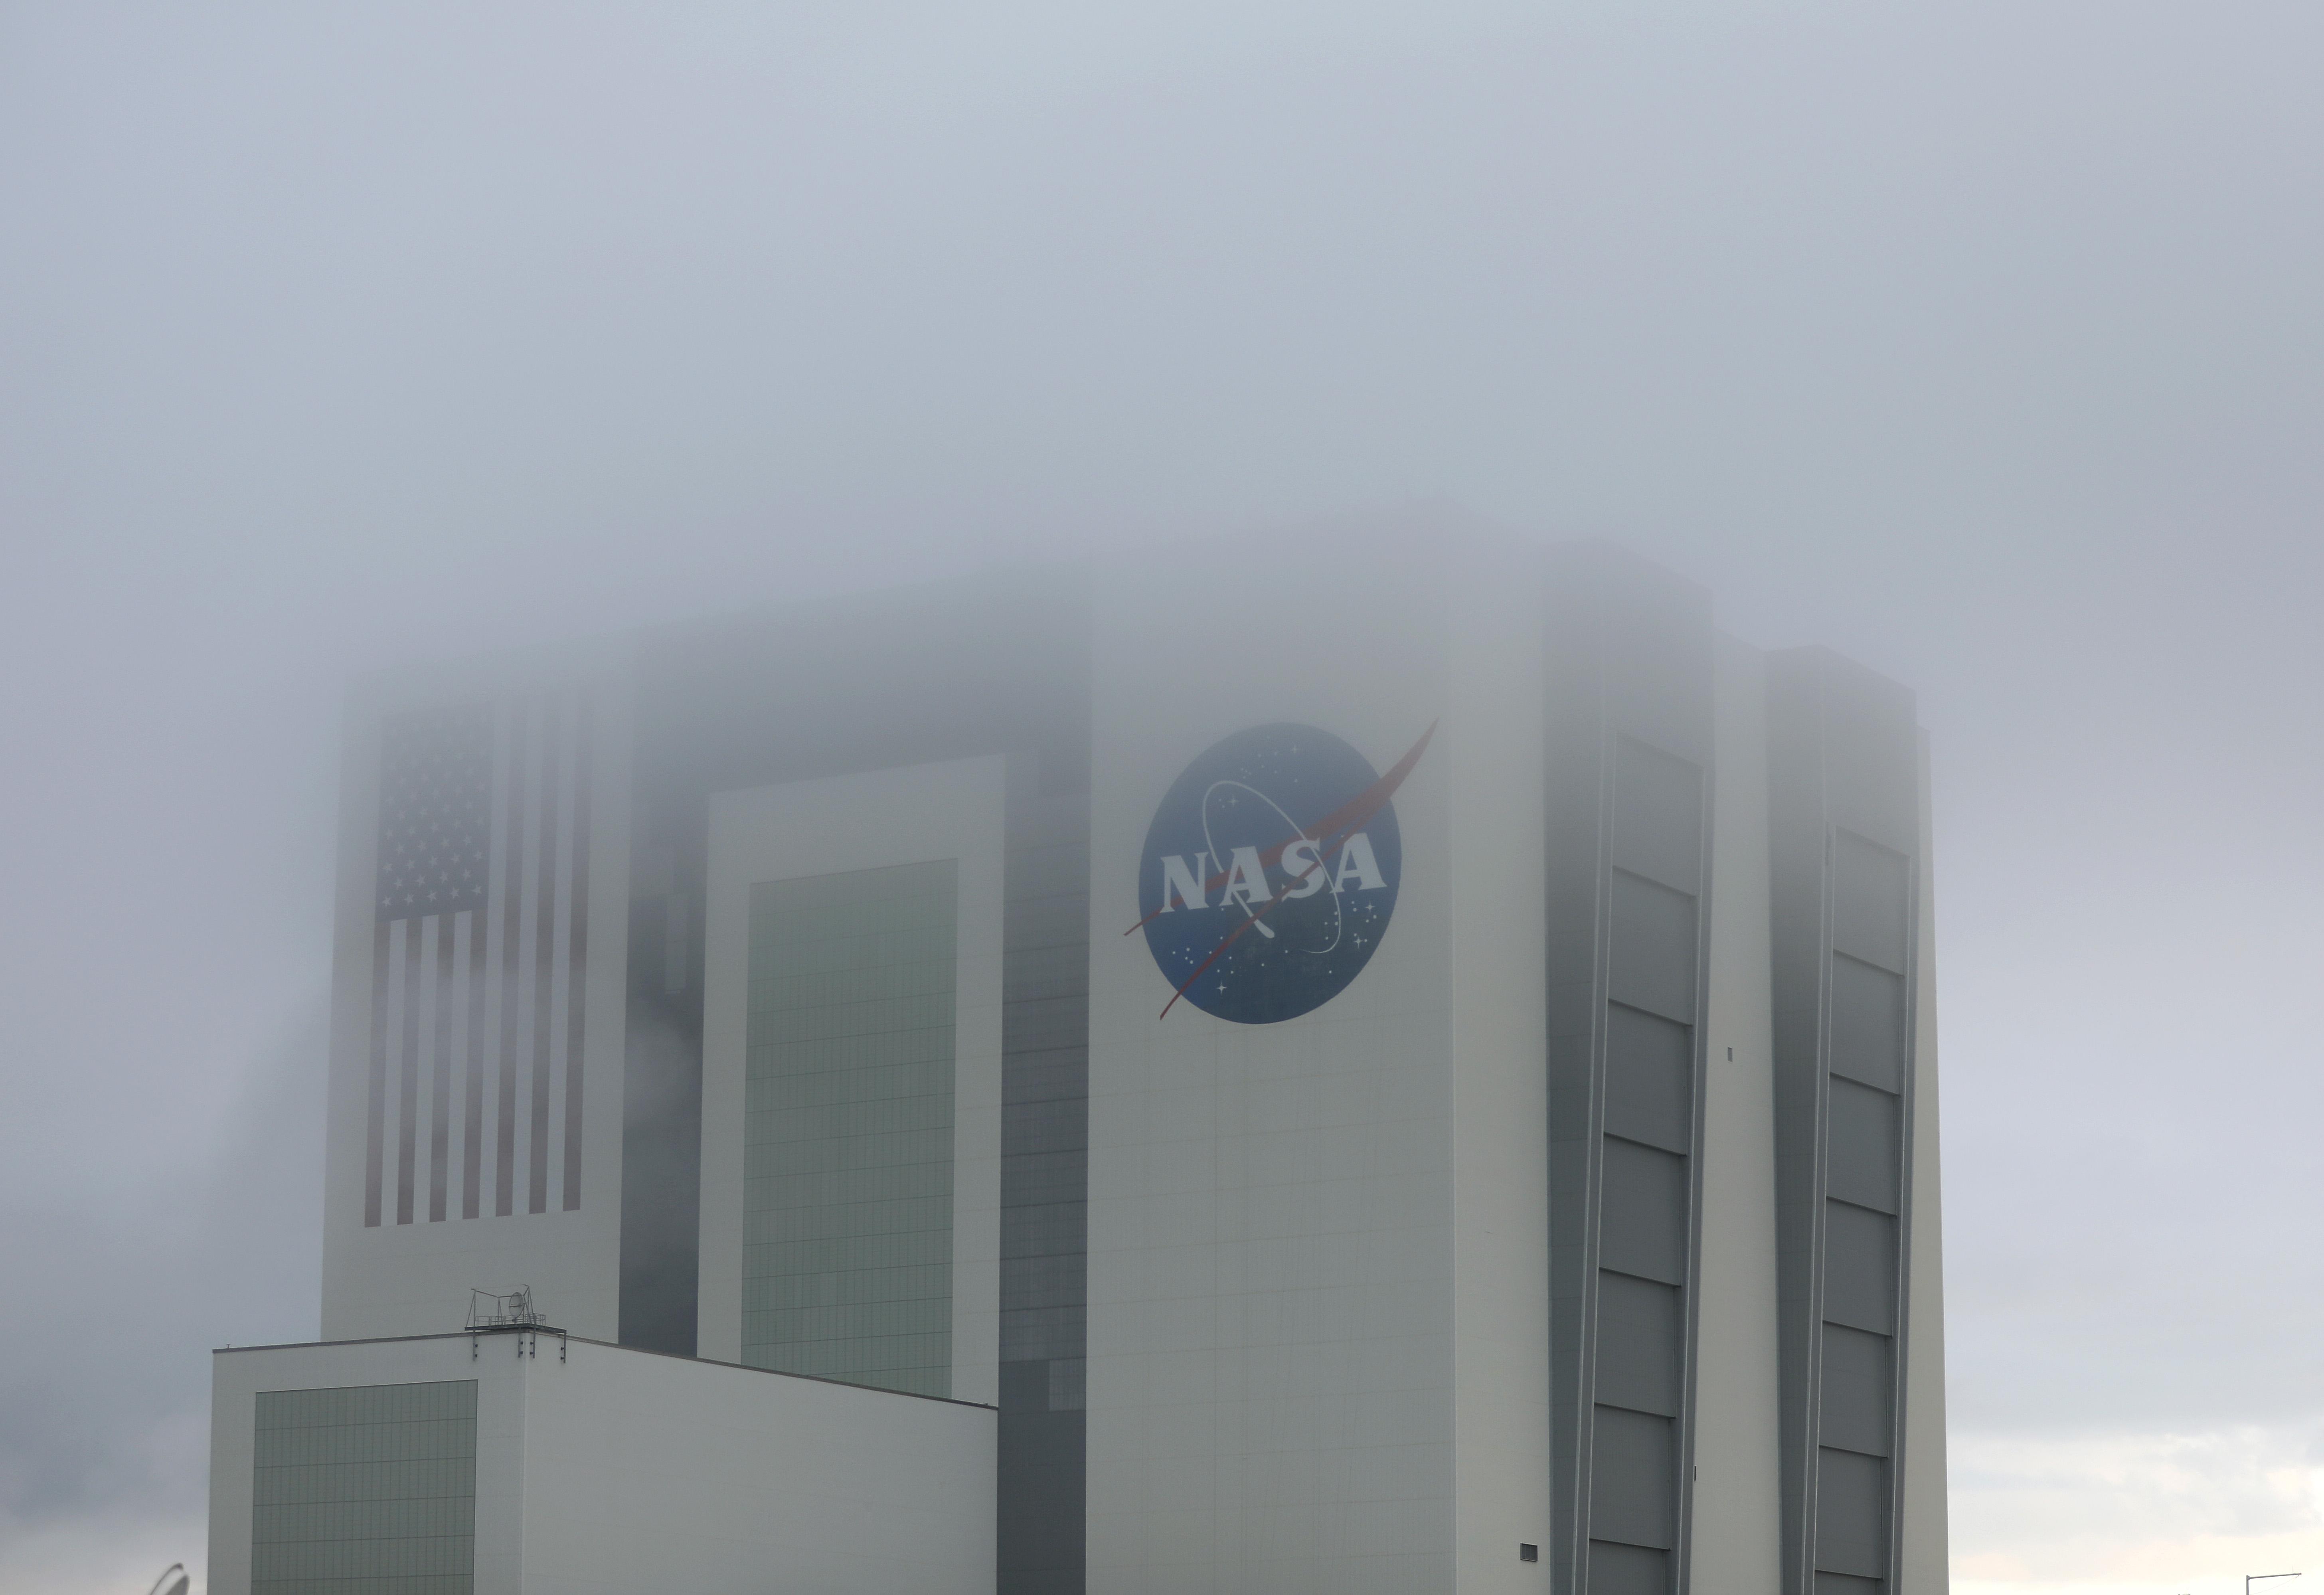 Nubes bajas rodean el edificio de ensamblaje de vehículos de la NASA mientras se prepara para lanzar el cohete SpaceX Falcon 9 con la nave espacial Crew Dragon acoplada desde la plataforma de lanzamiento 39A en el Centro Espacial Kennedy el 27 de mayo de 2020 en Cabo Cañaveral, Florida (Joe Raedle/Getty Images/AFP)